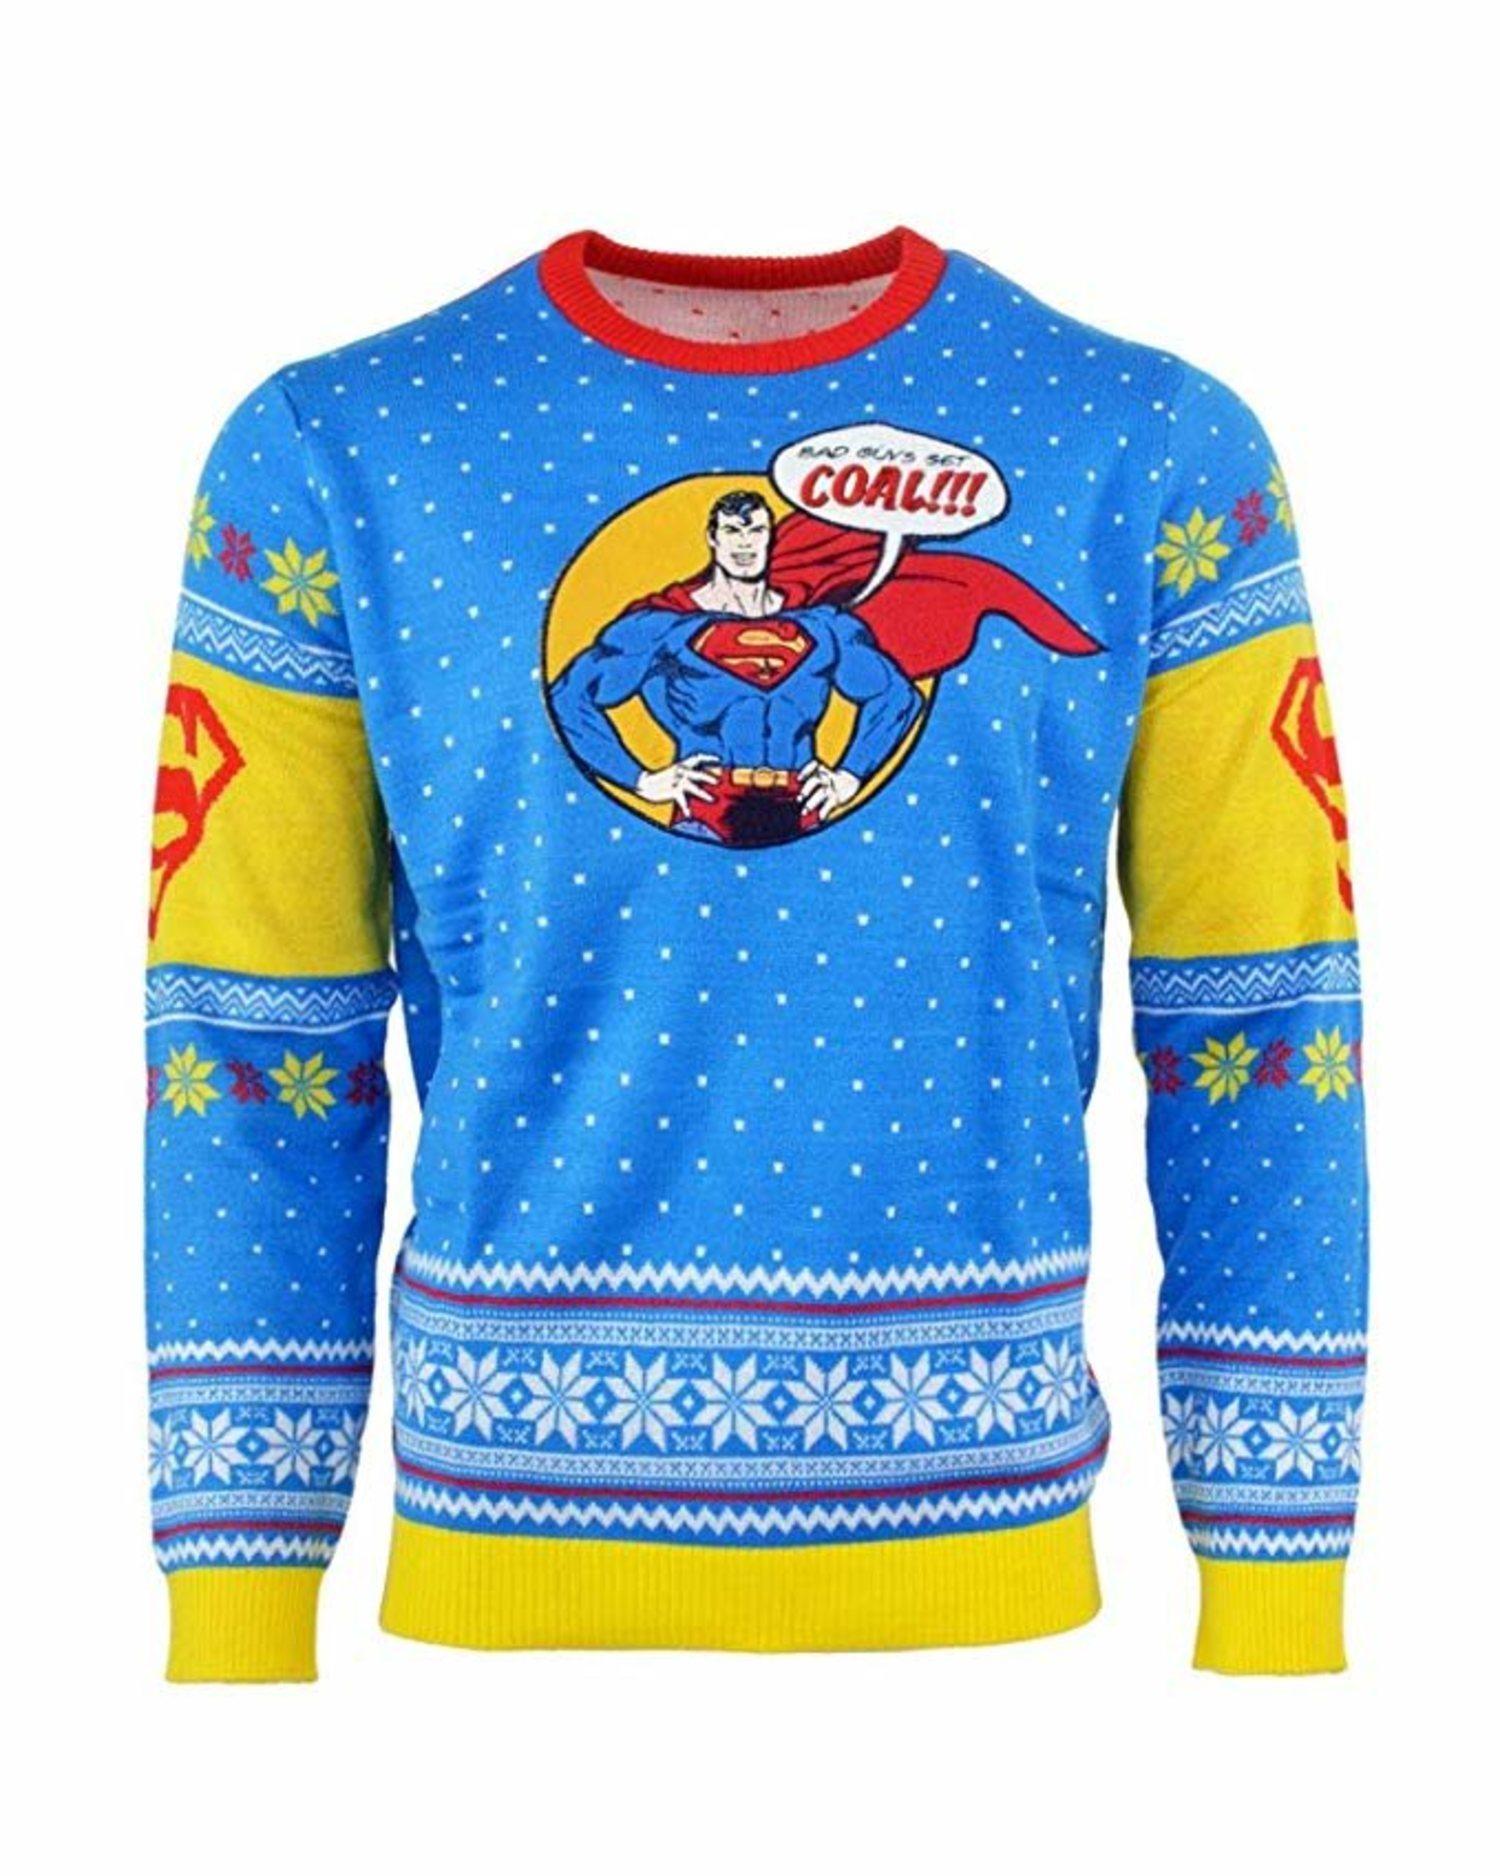 El superhéroe que se esconde tras la falsa identidad de Clark Kent avisa: sé bueno o recibirás carbón.